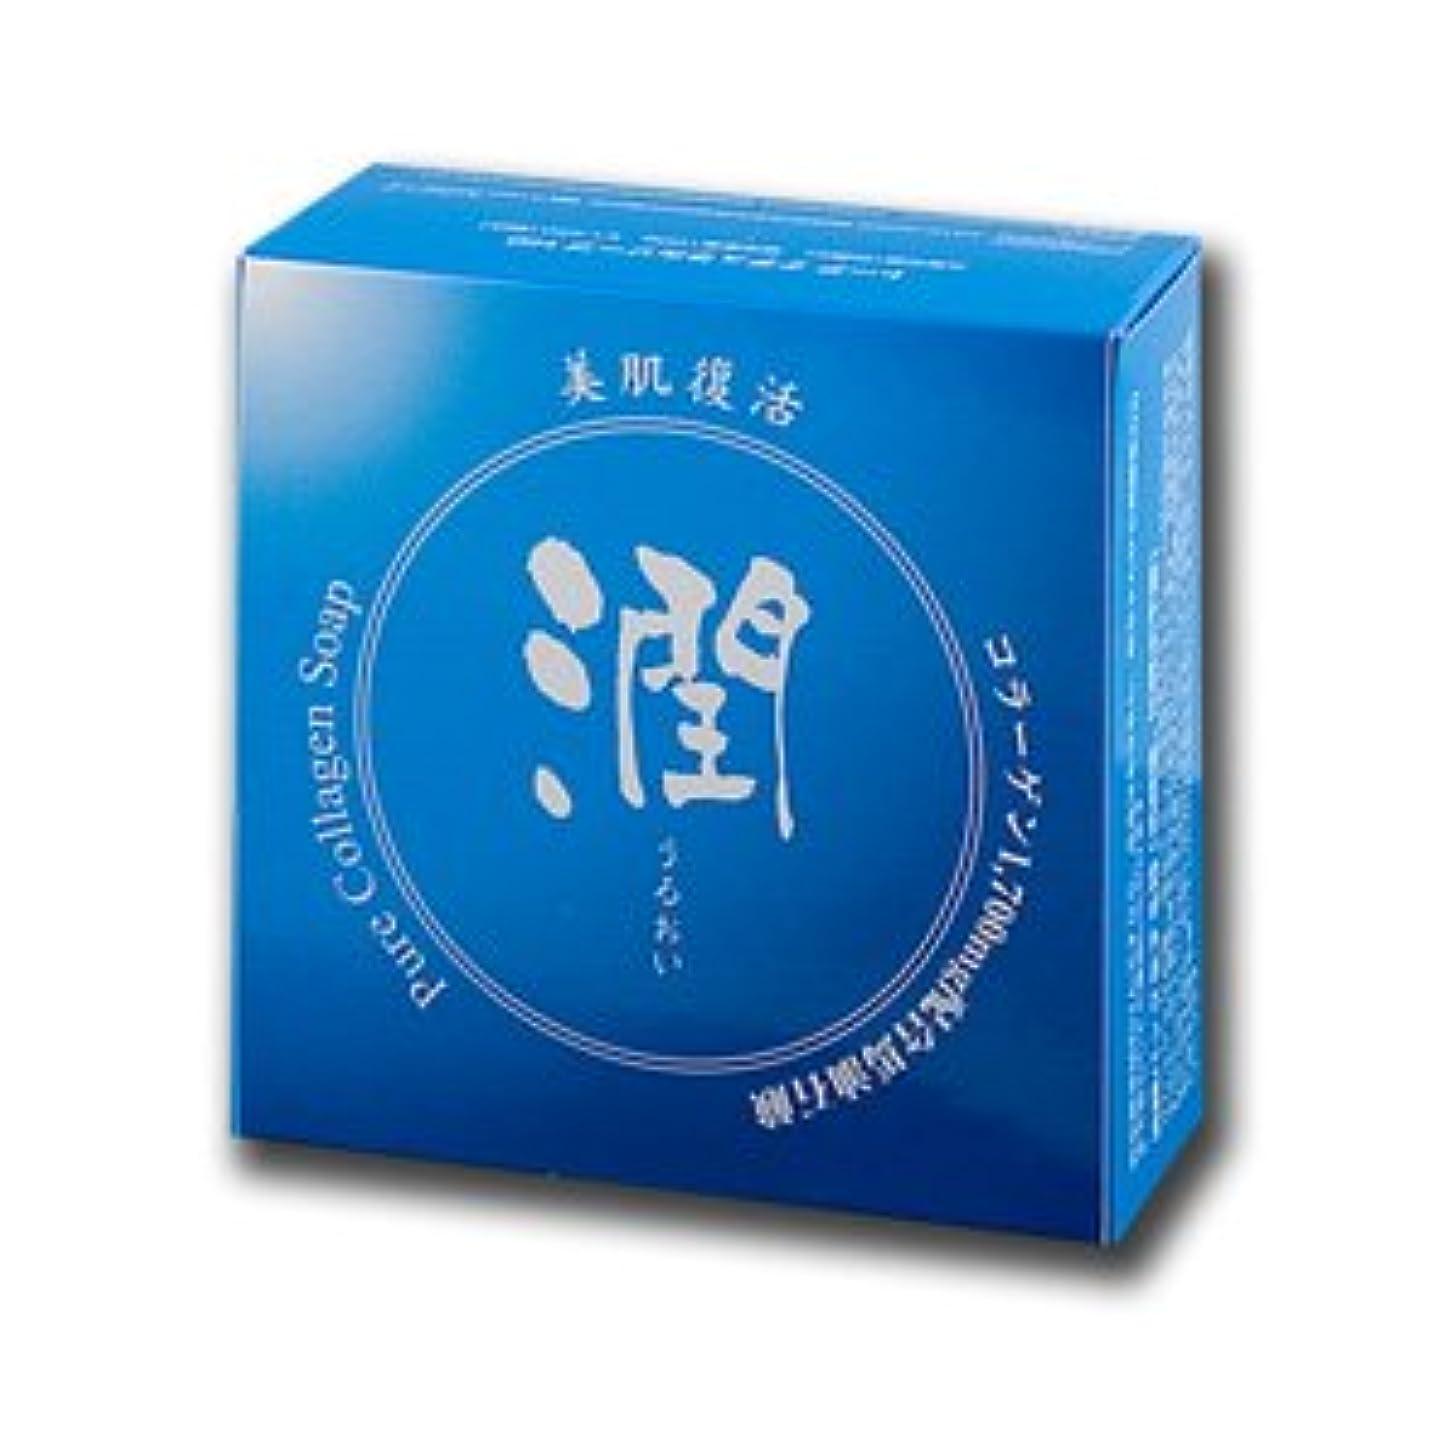 推測する乱闘ゲートコラーゲン馬油石鹸 潤 100g (#800410) ×10個セット